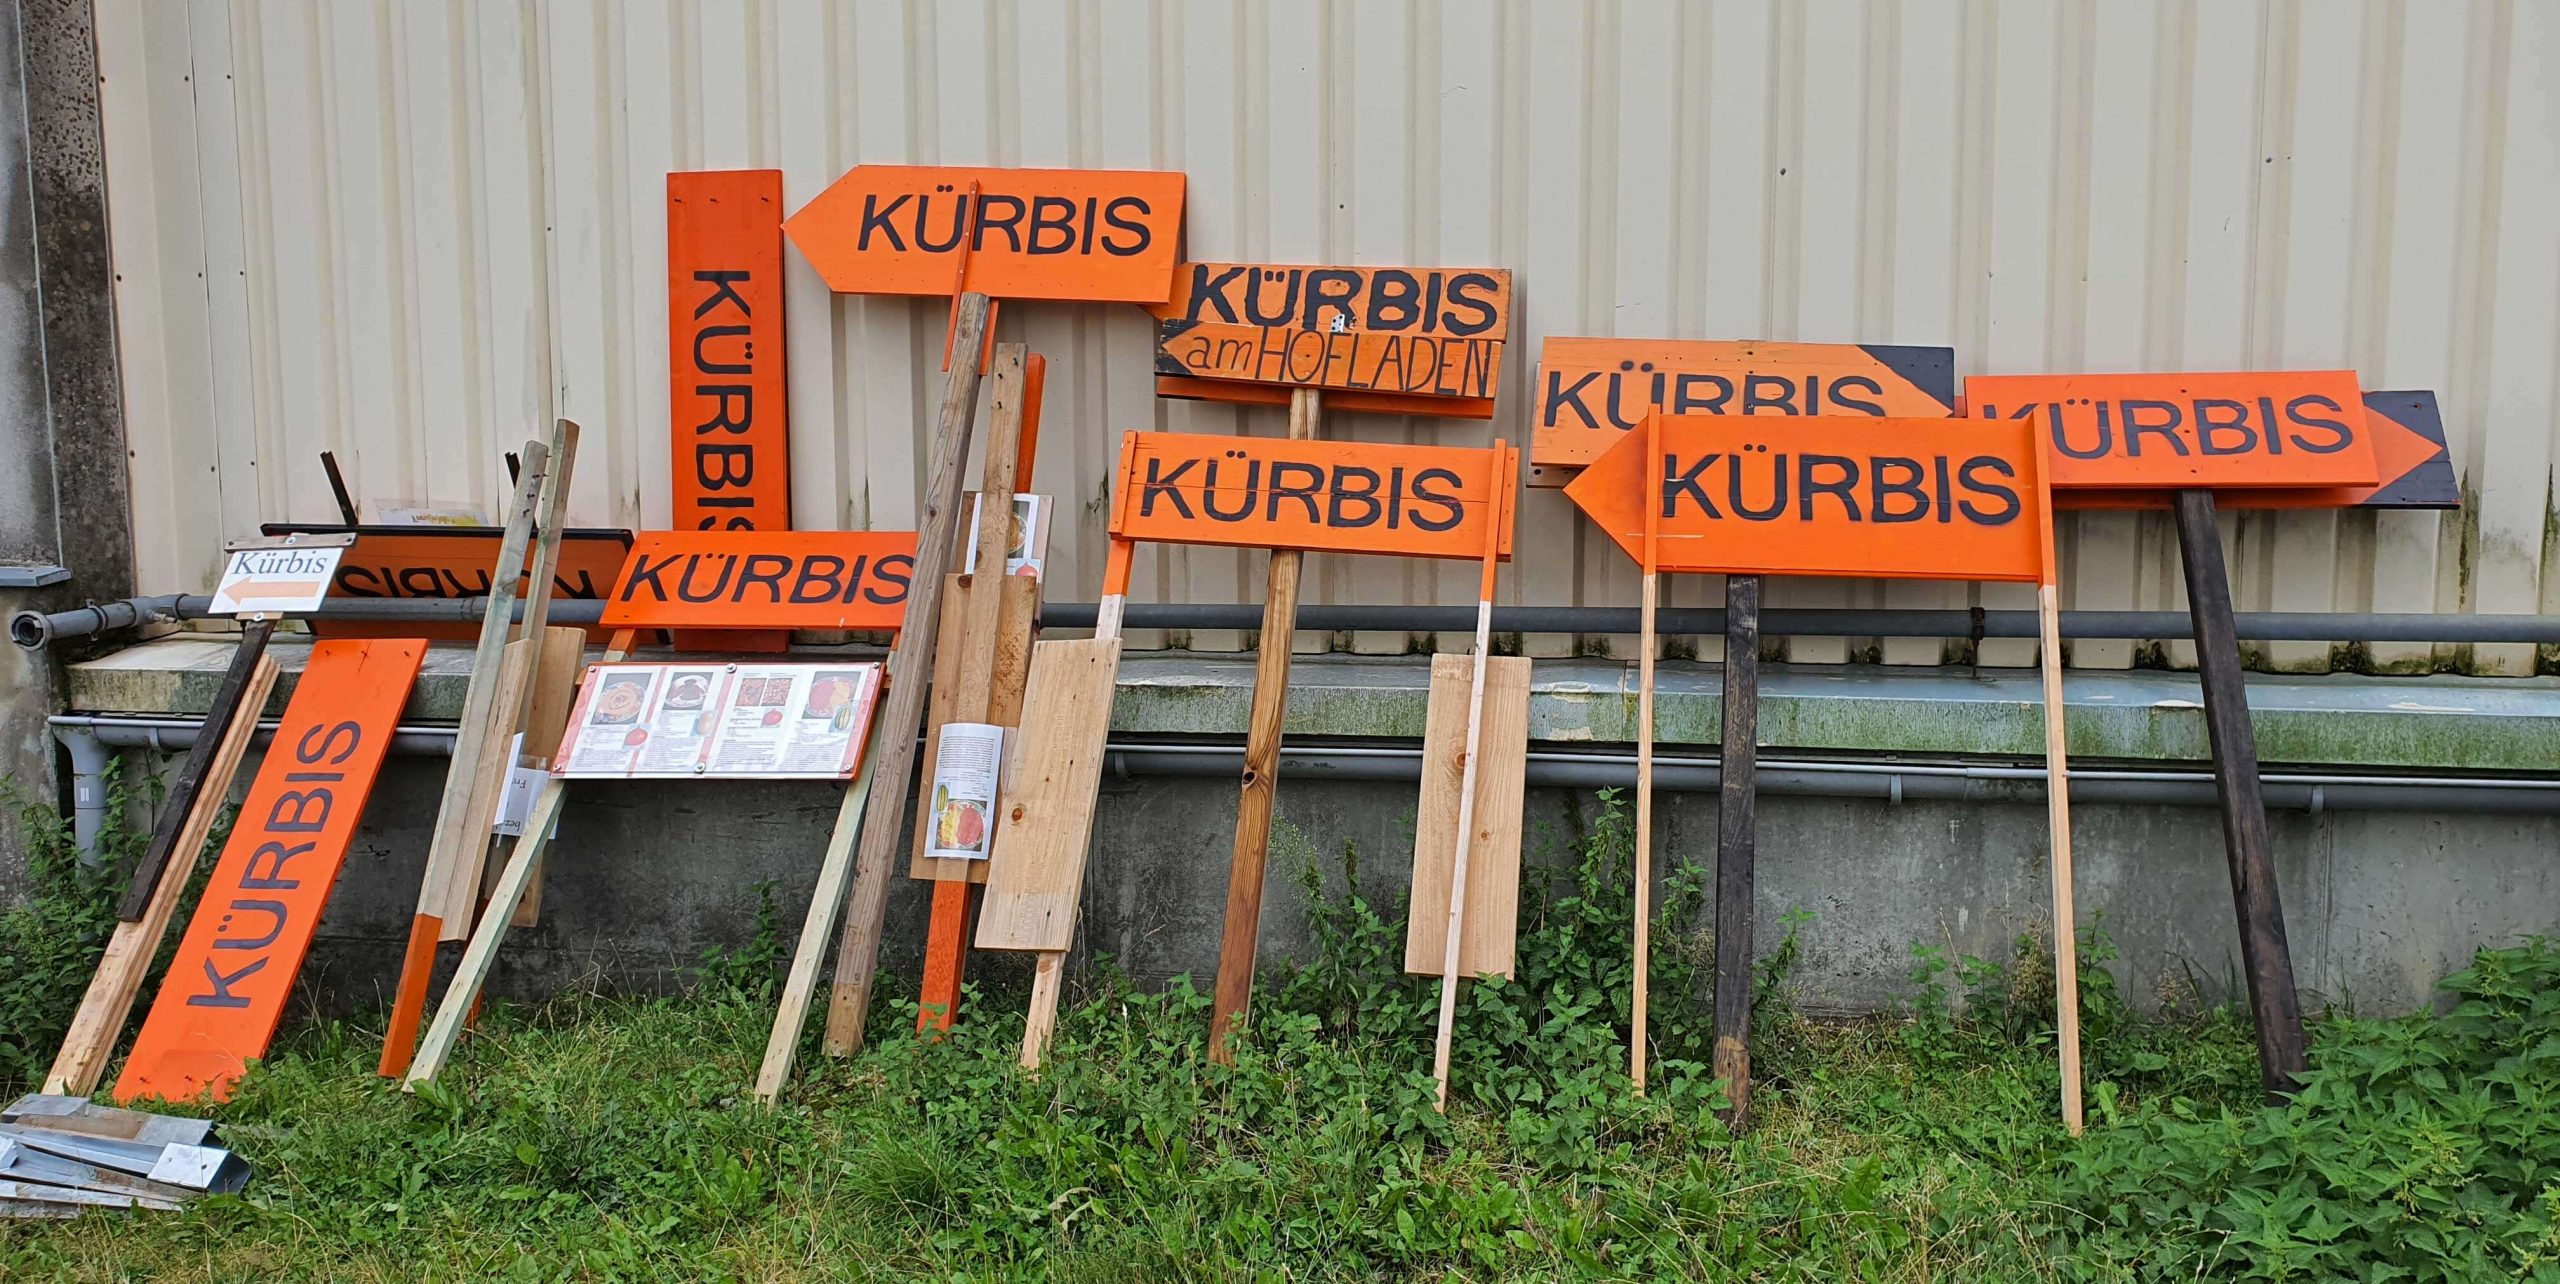 Die Schilder weisen den Weg zum Kürbis, Foto: Maike Steuer